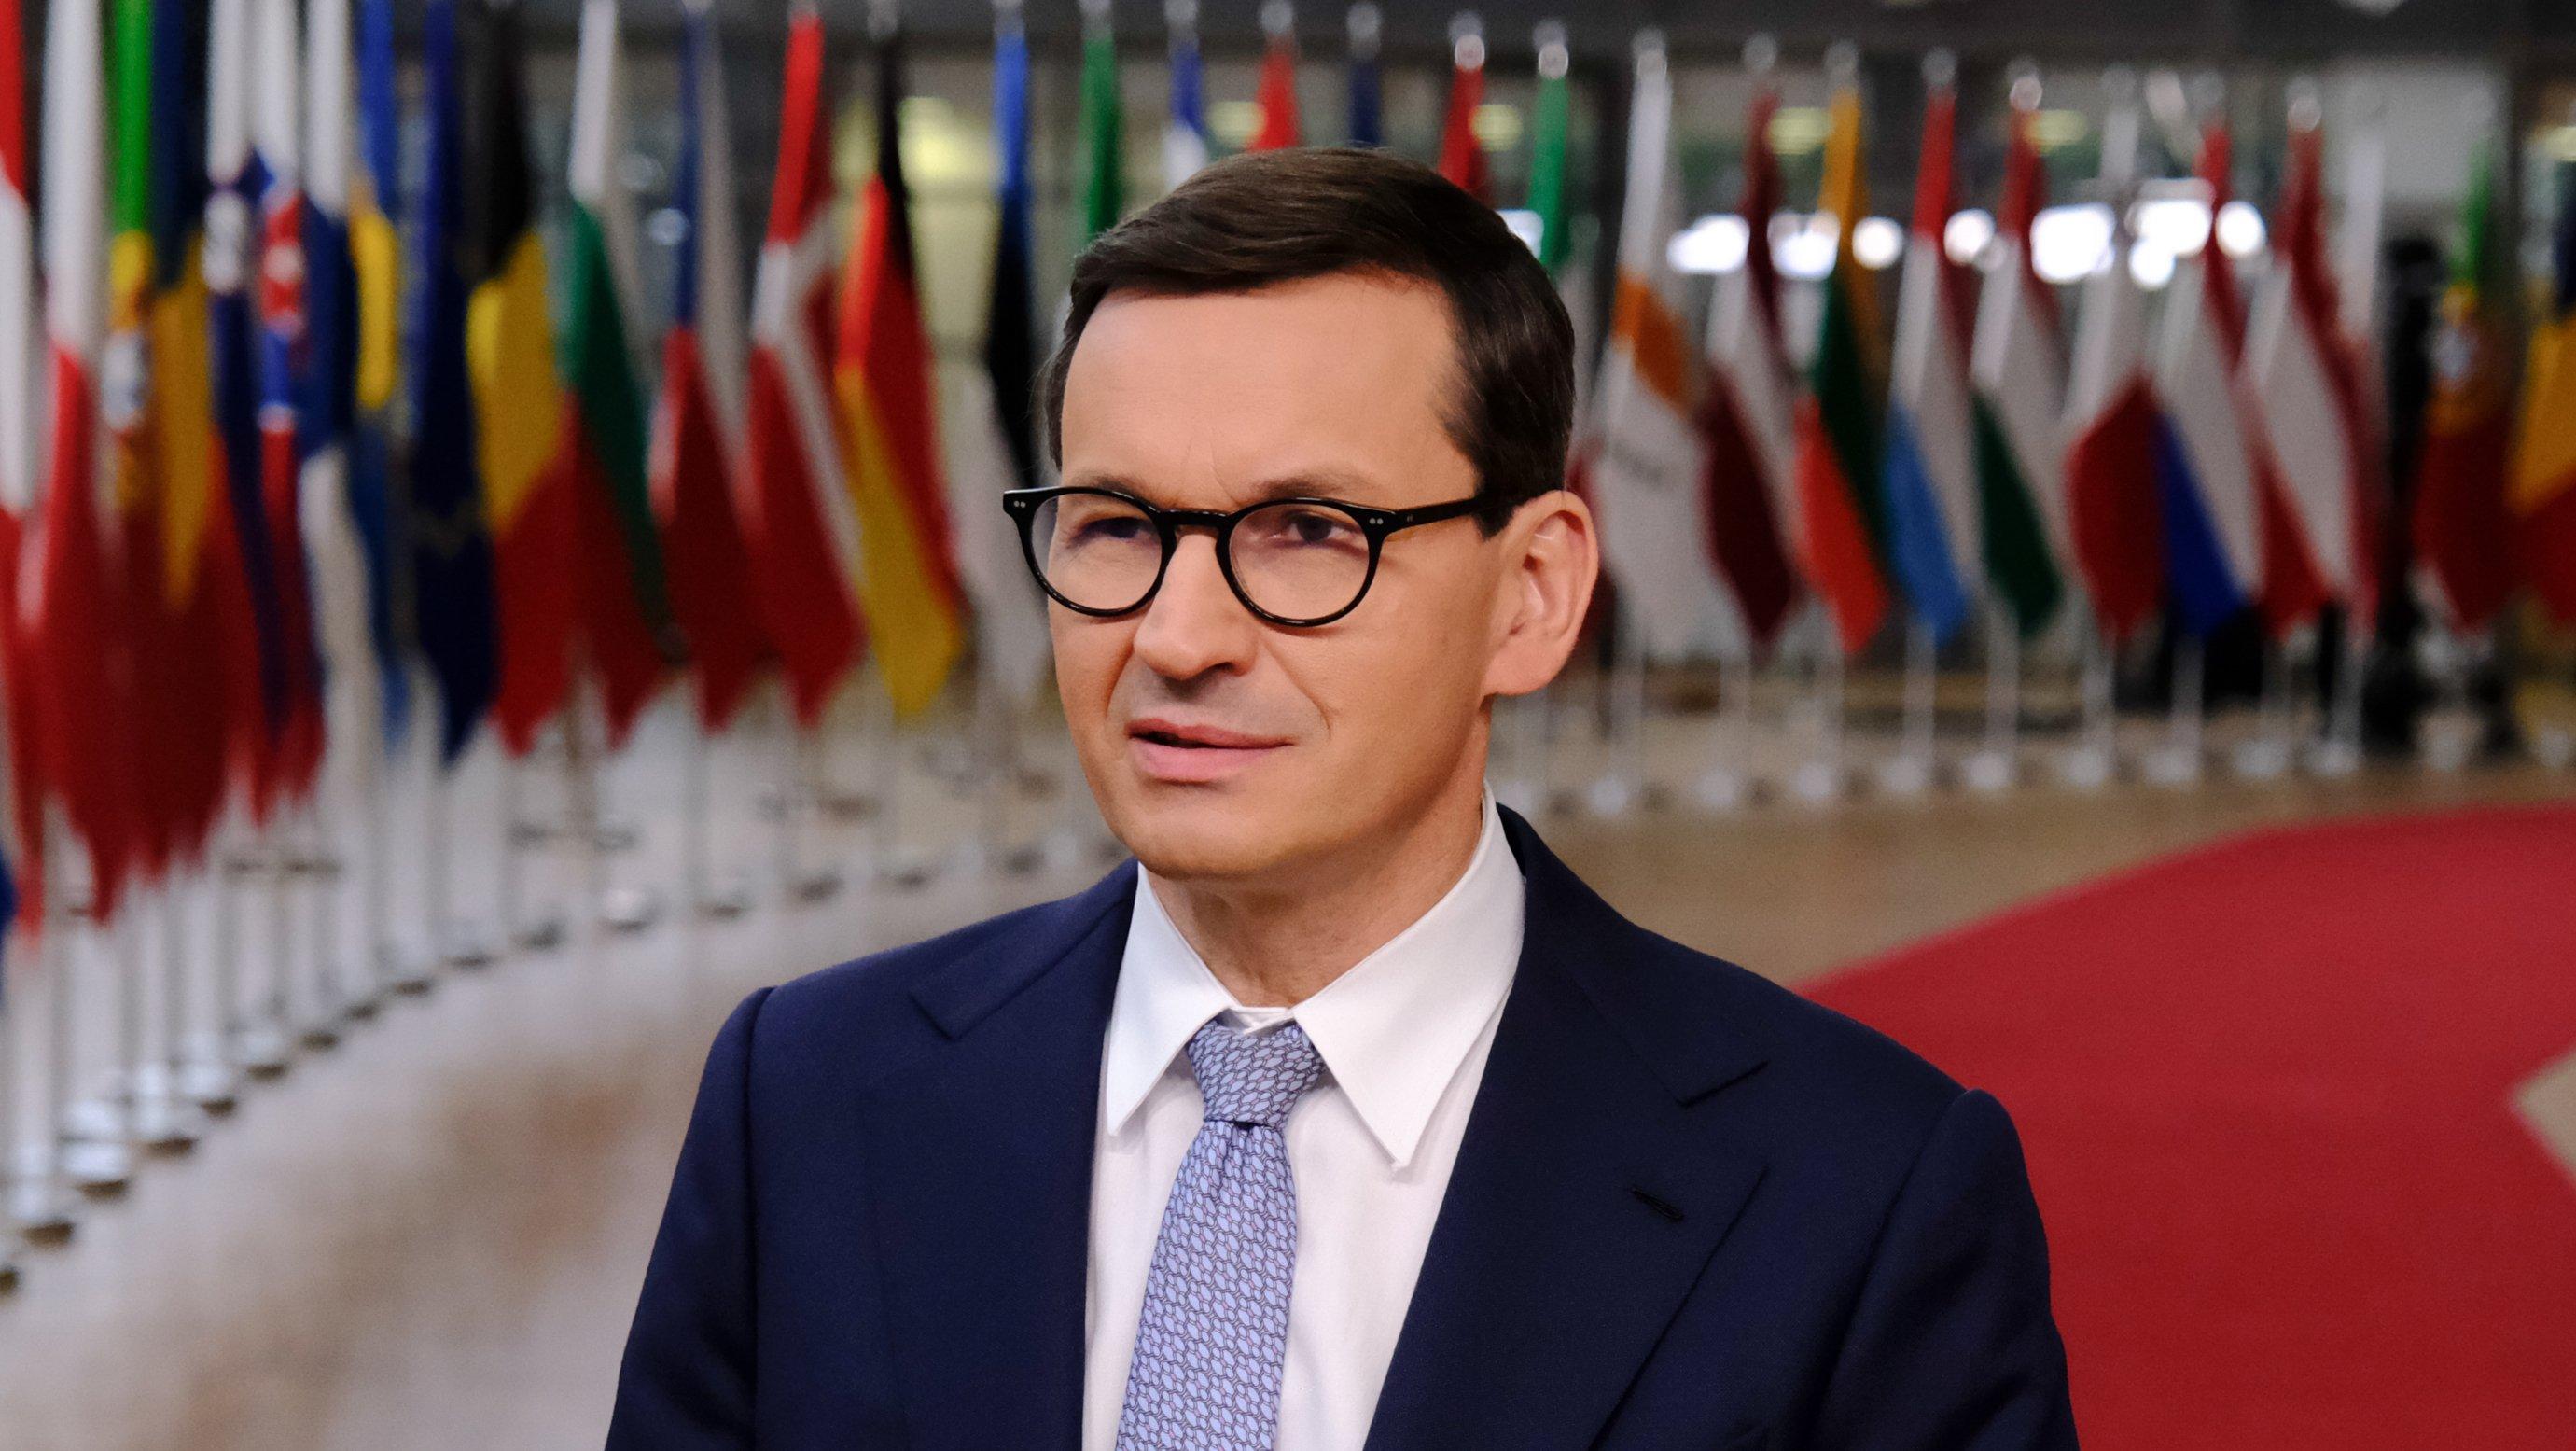 EU Leaders' Summit